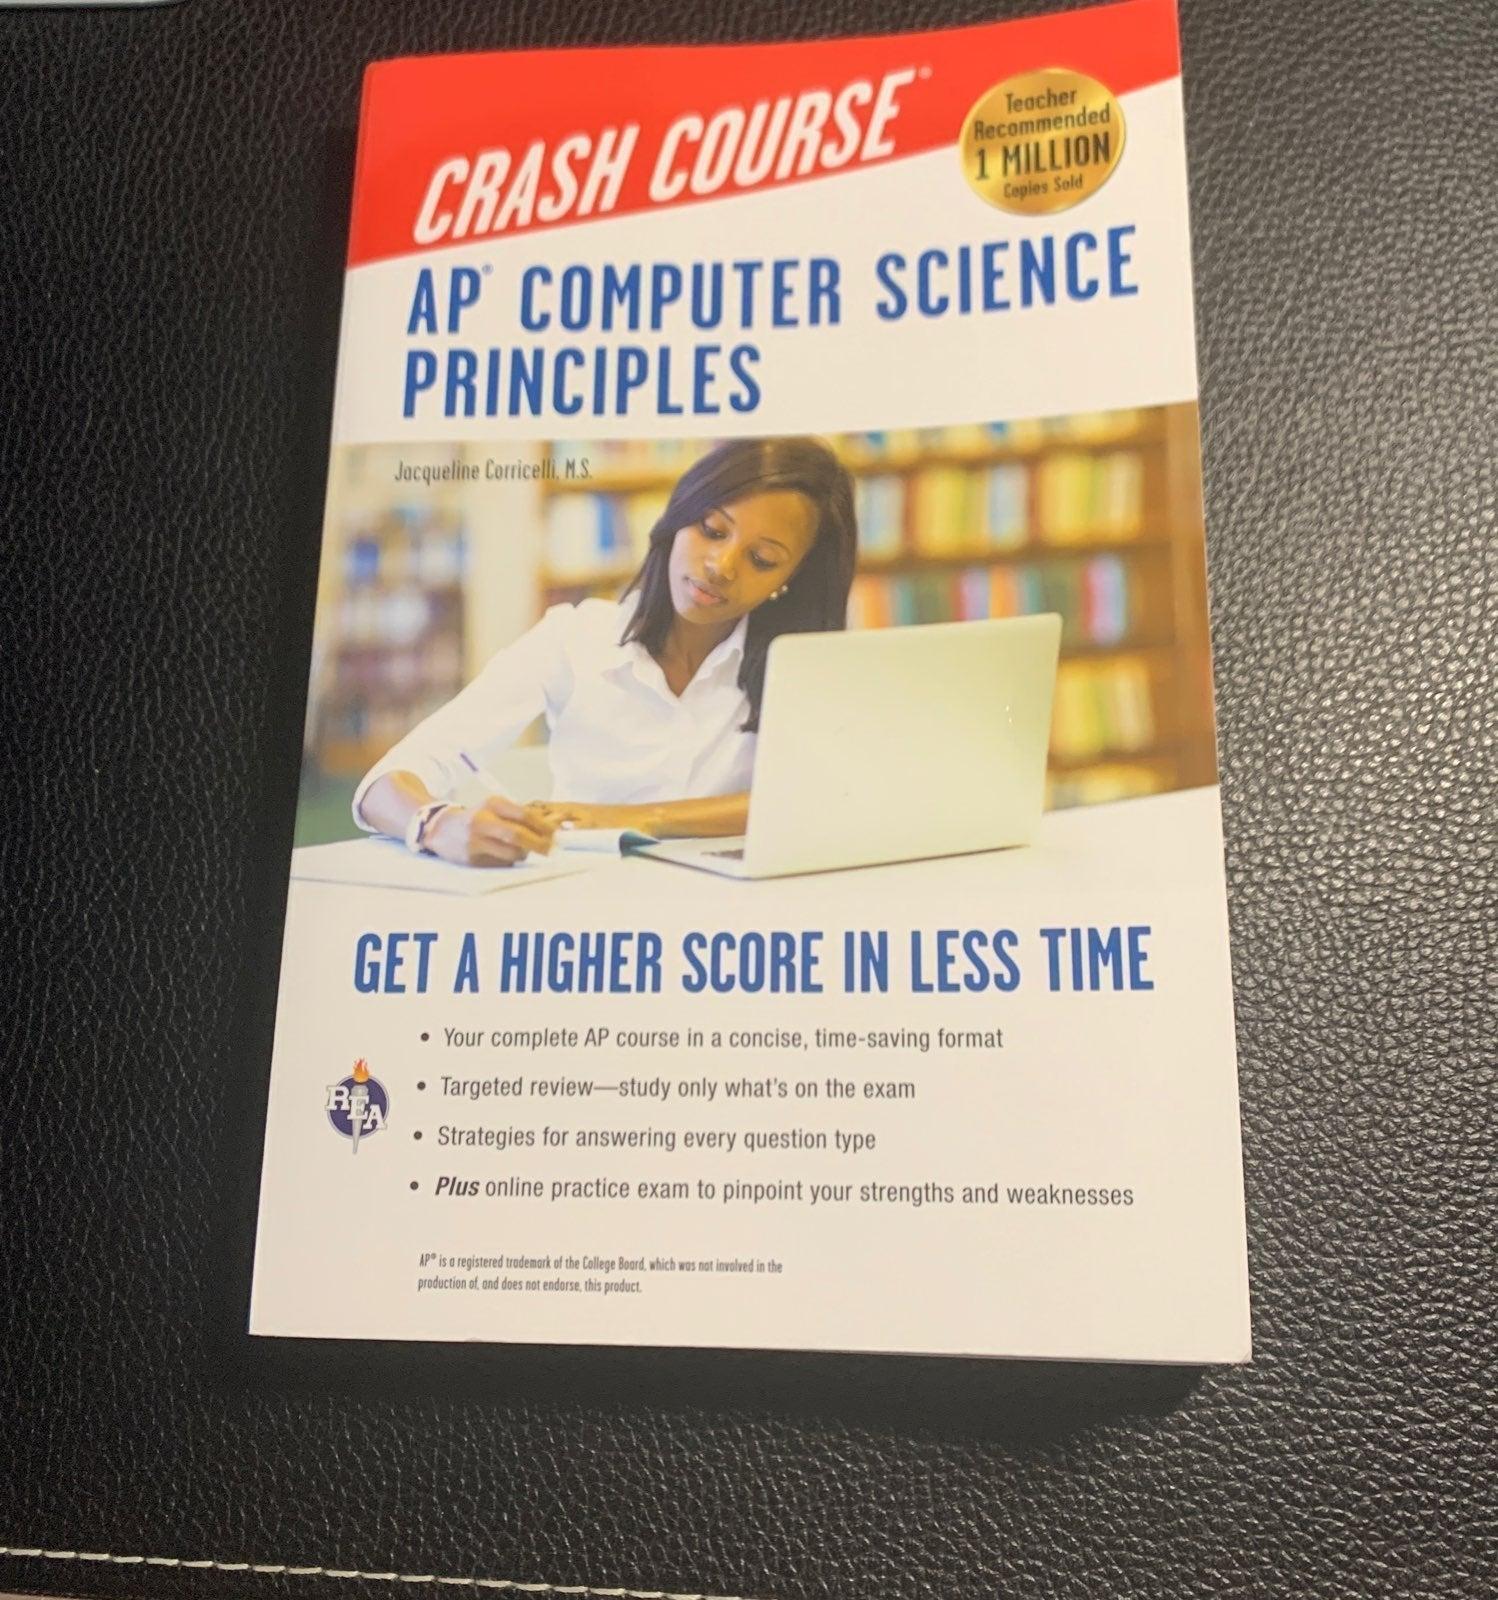 Crash Couse AP Computer Science